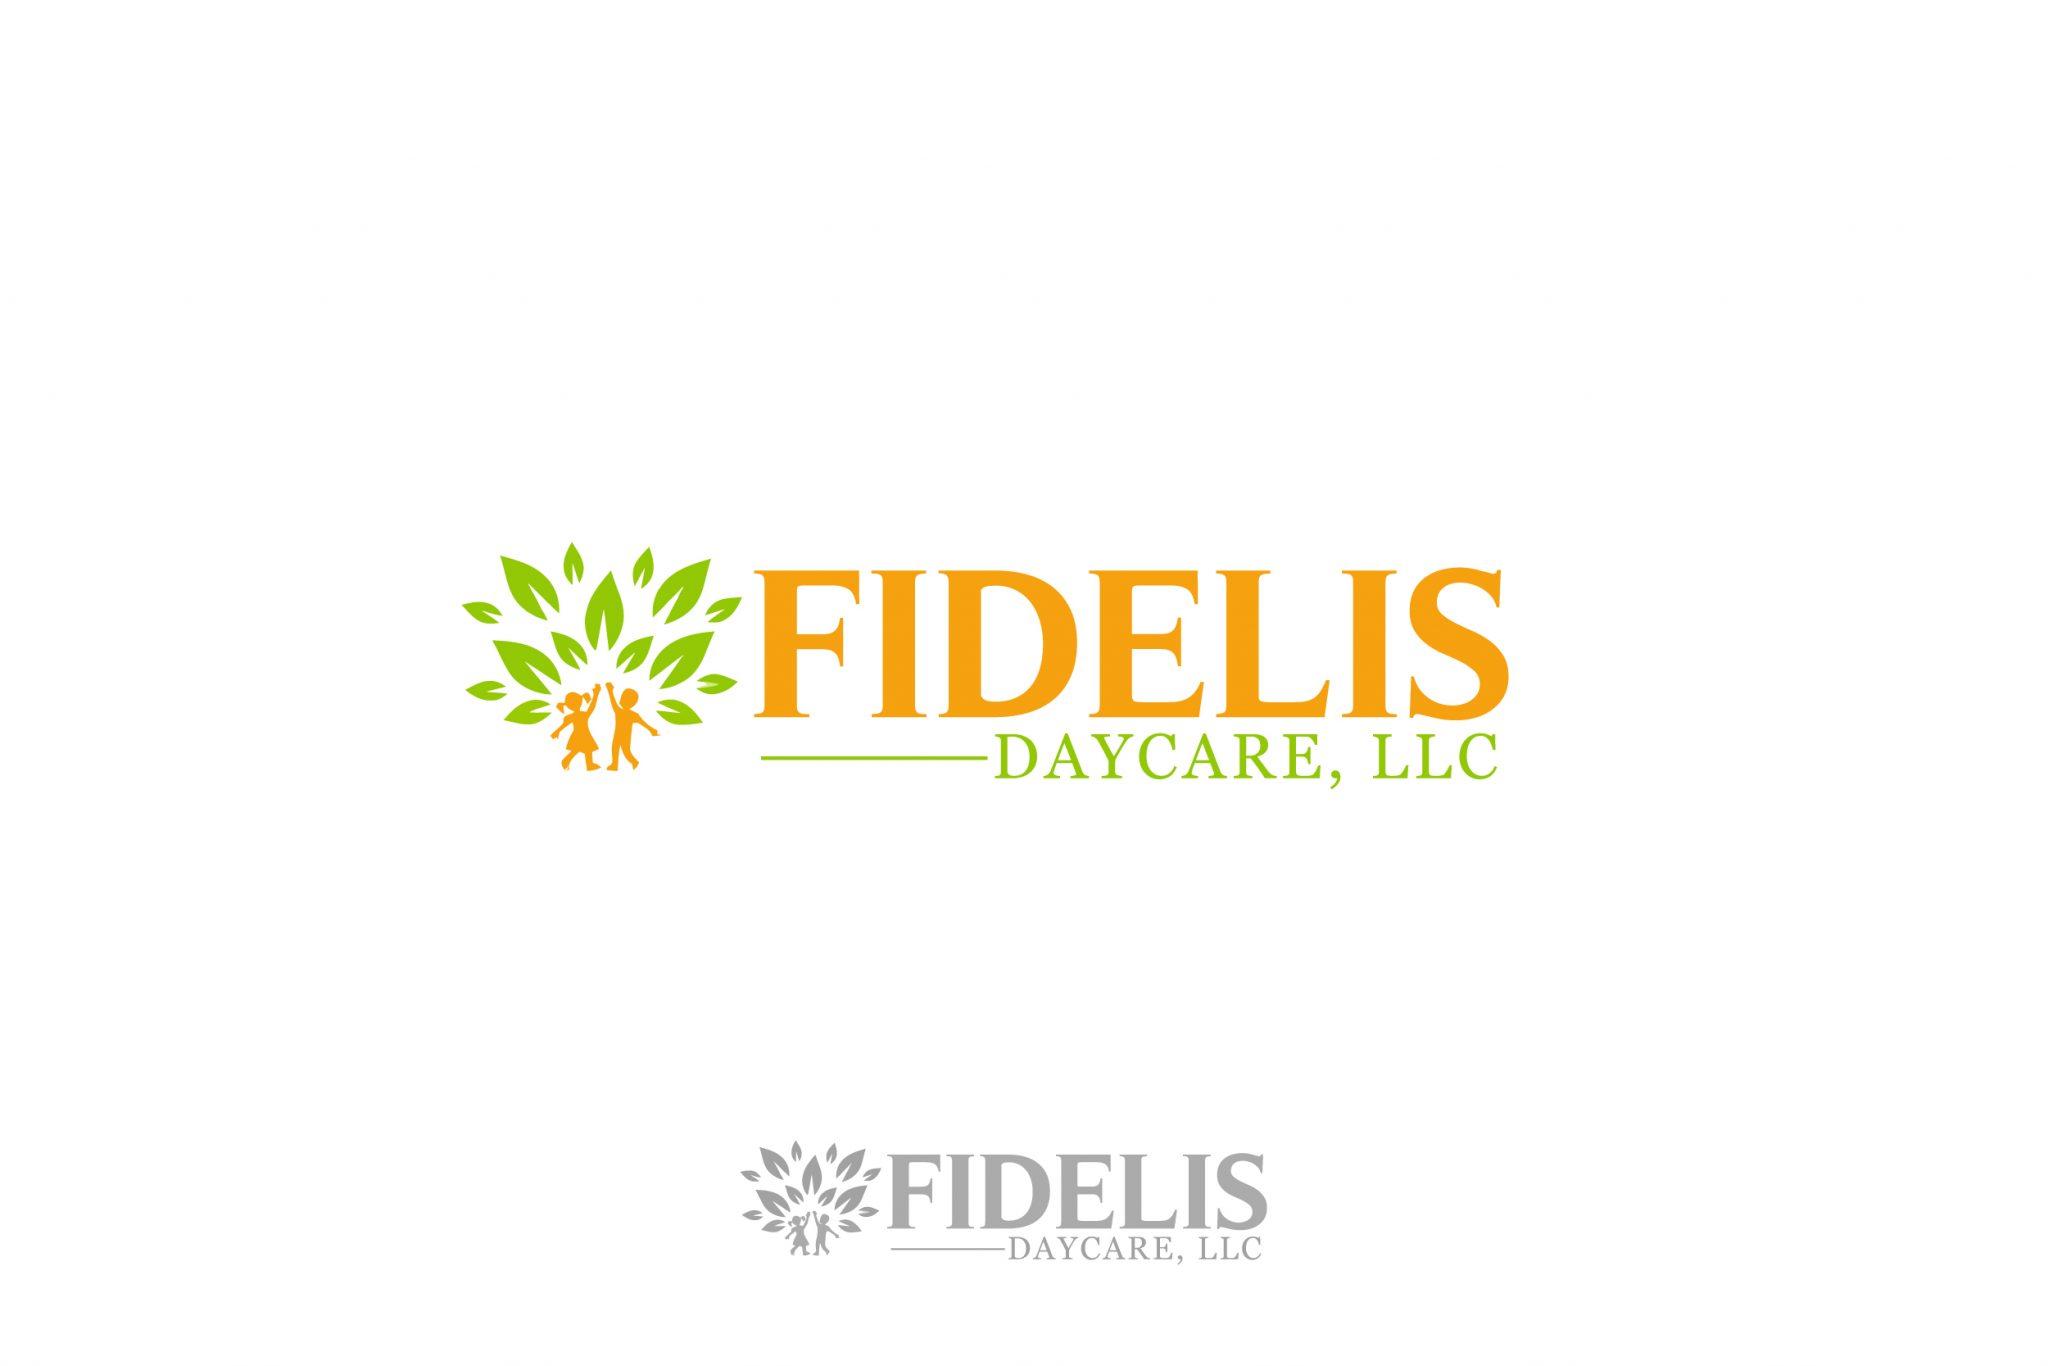 Fidelis Daycare, LLC